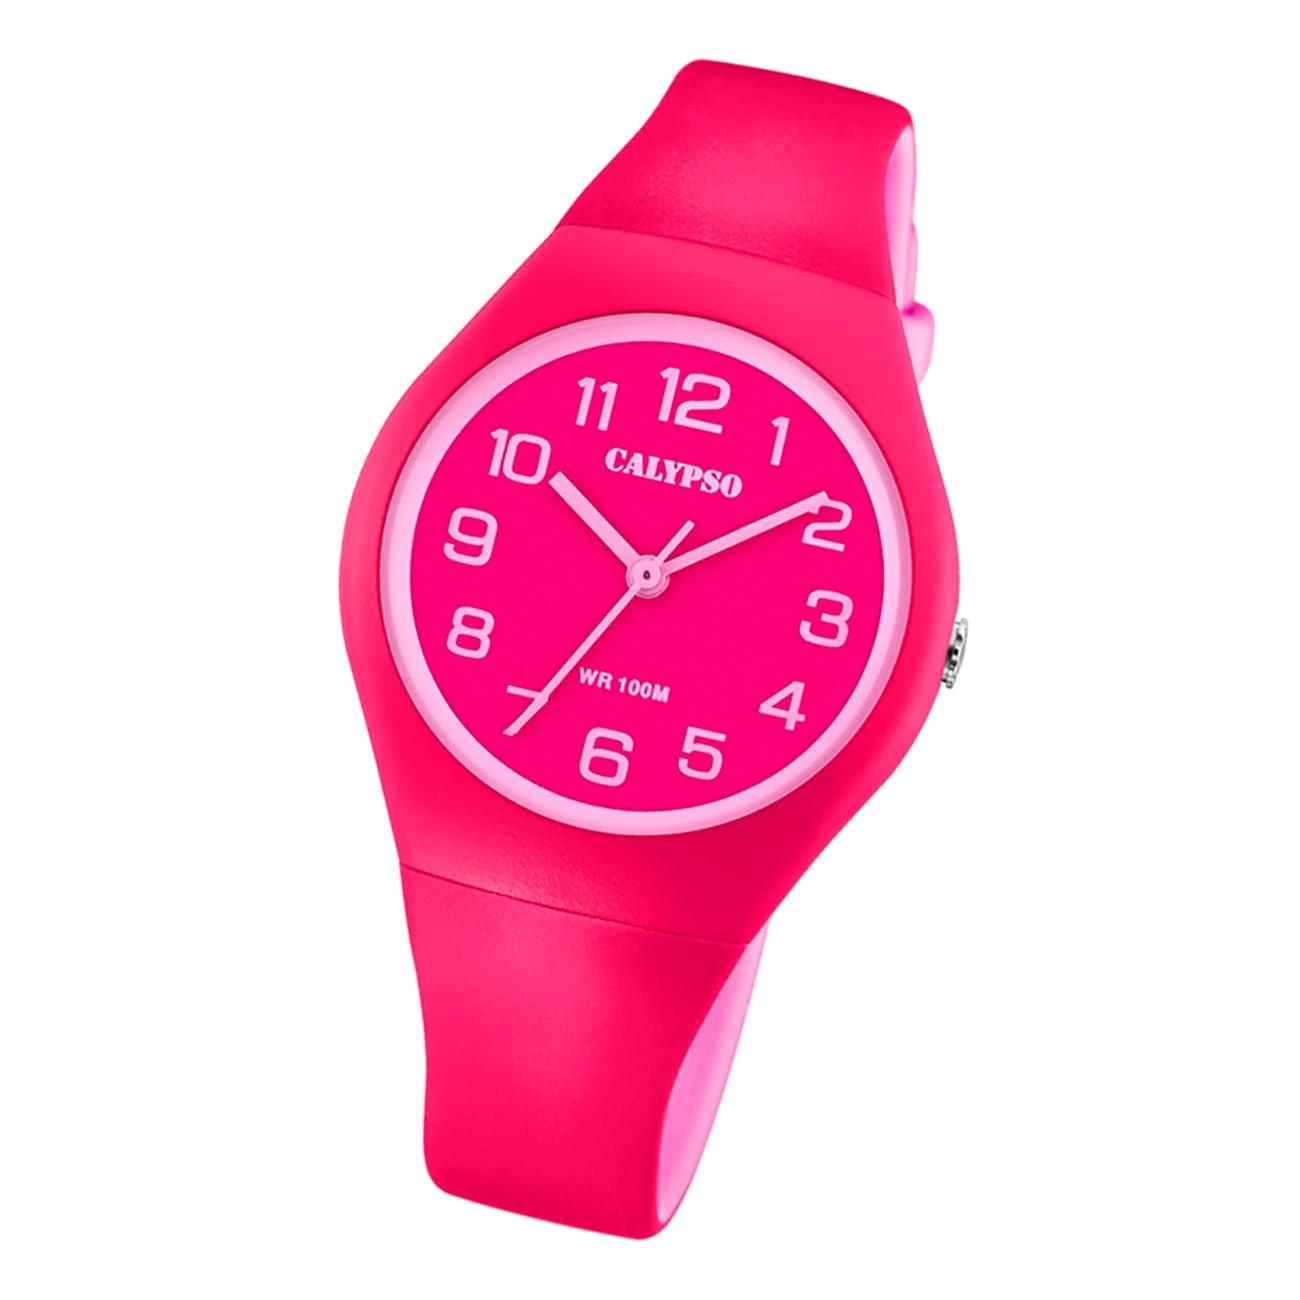 Calypso Damen Jugend Armbanduhr Analogico K5777/3 Analog Kunststoff rot UK5777/3